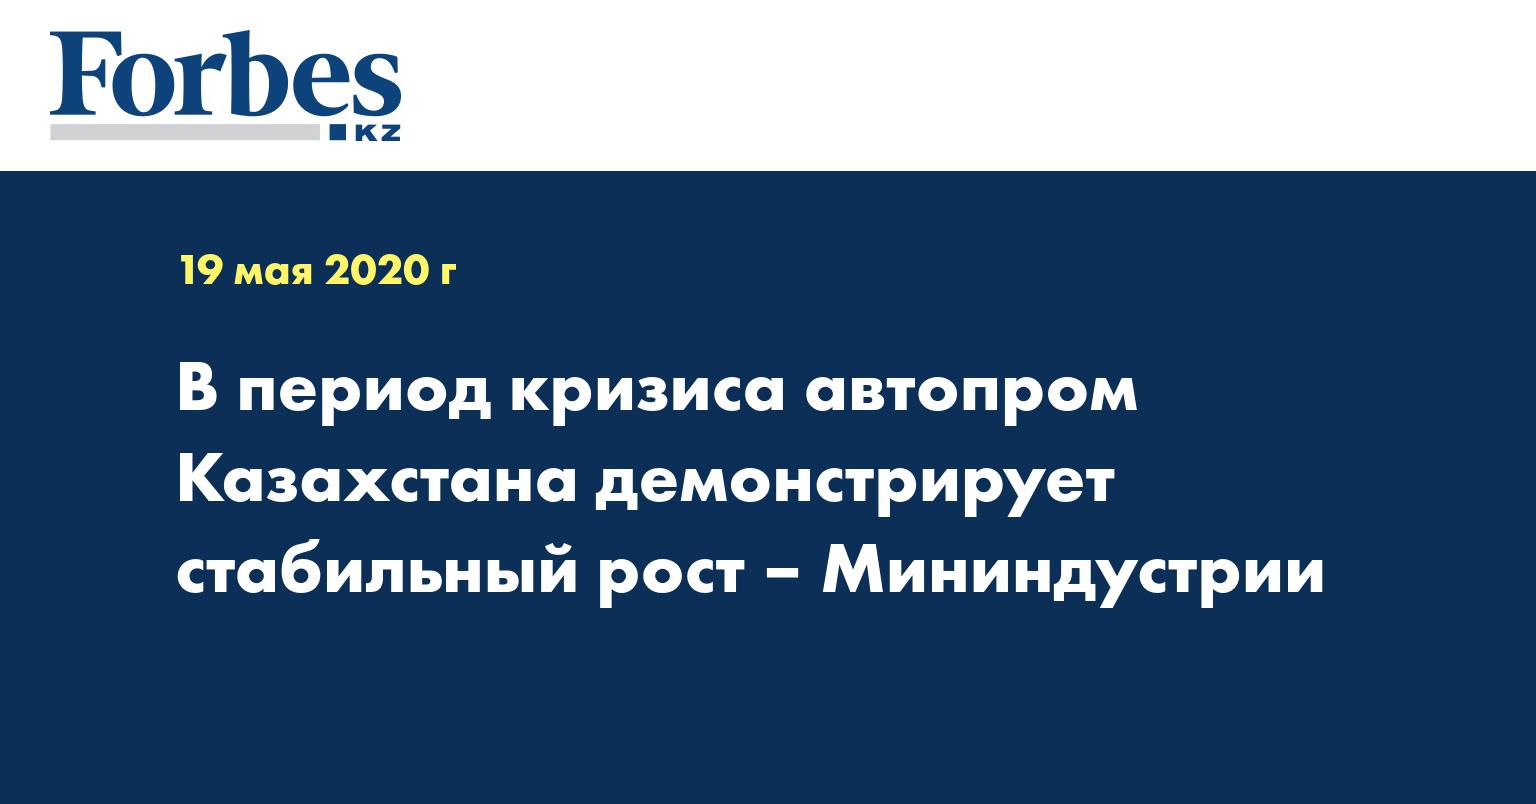 В период кризиса автопром Казахстана демонстрирует стабильный рост – Мининдустрии